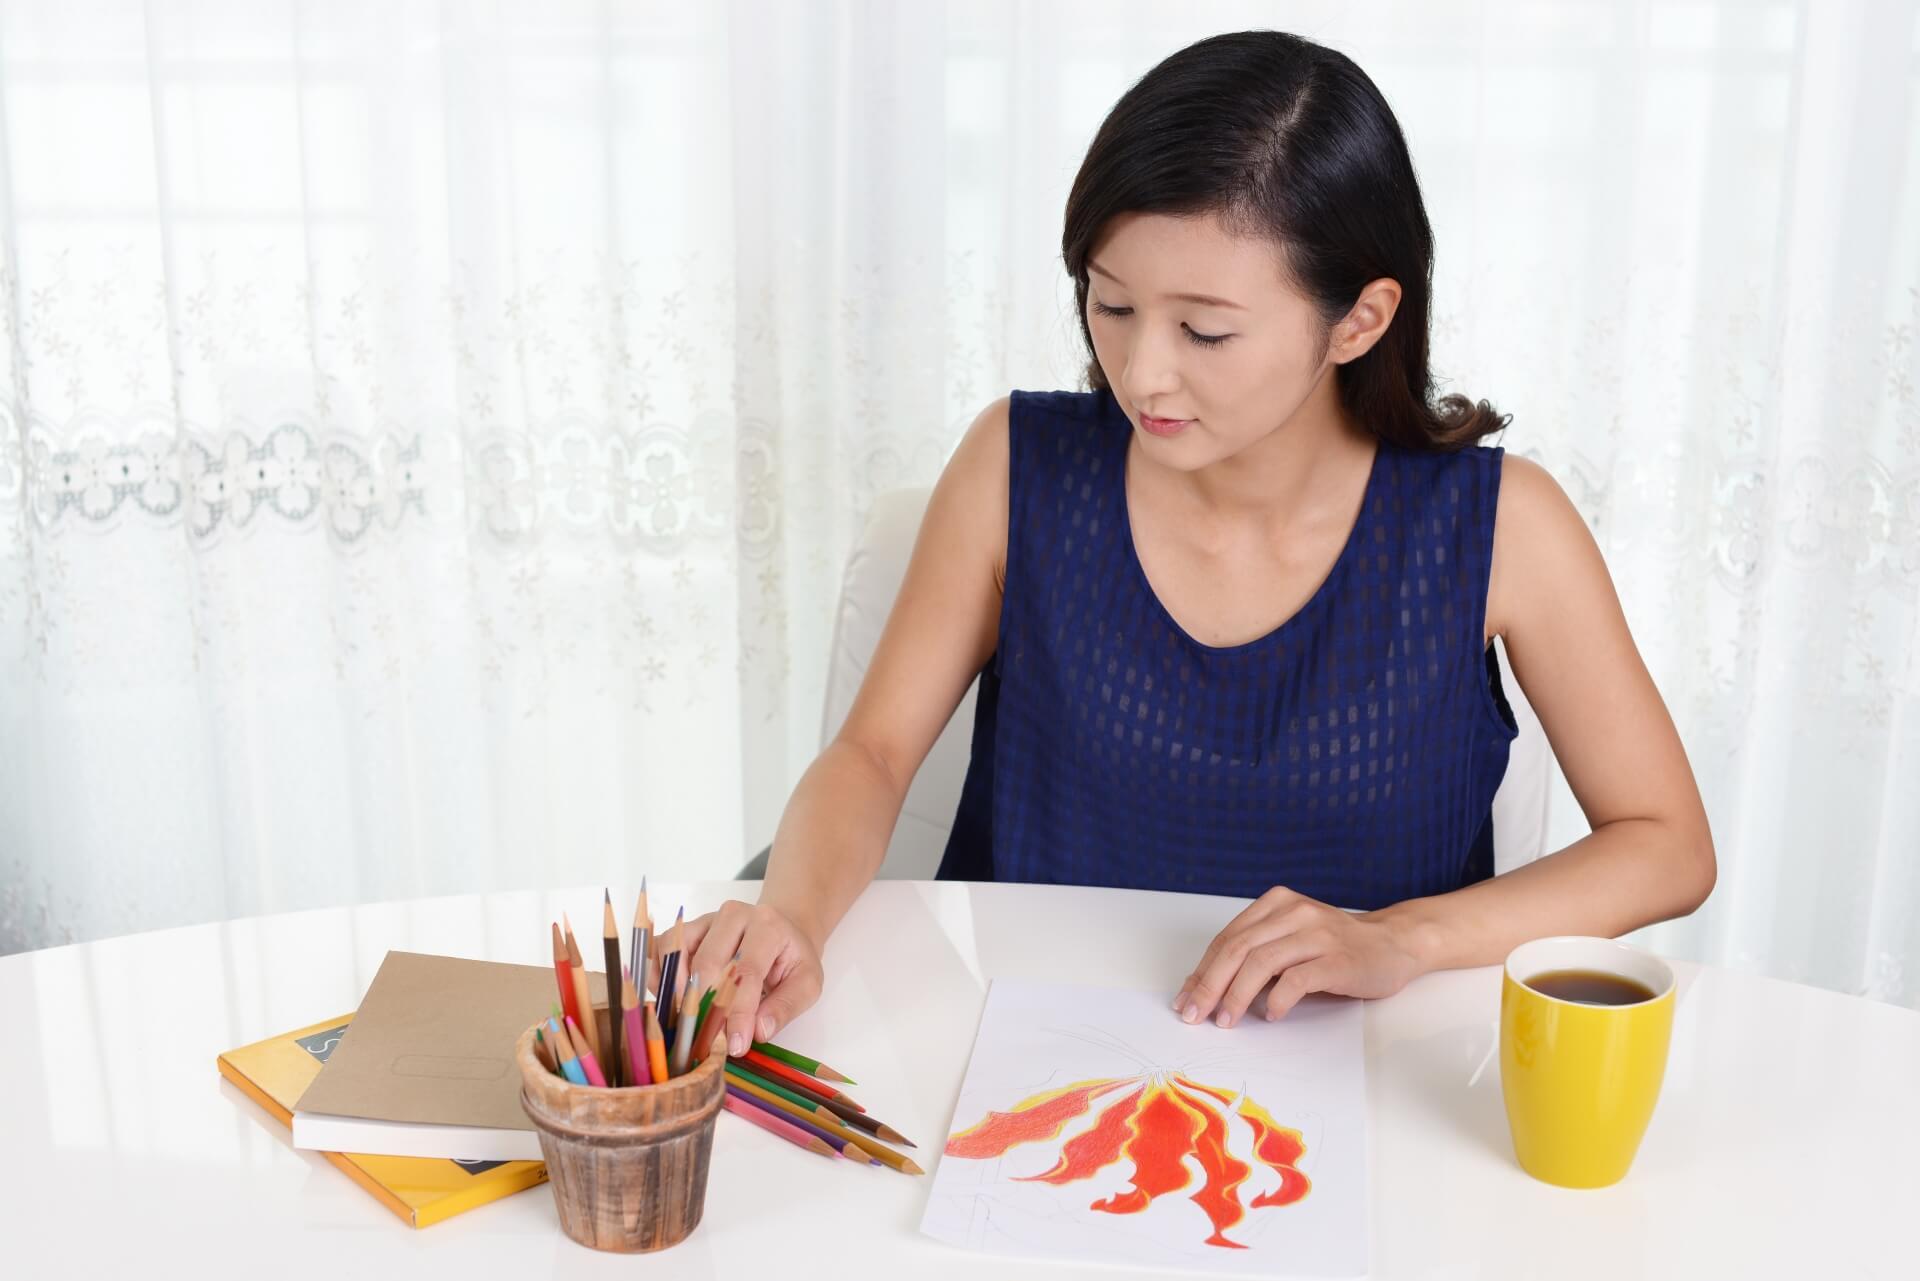 絵画インストラクター